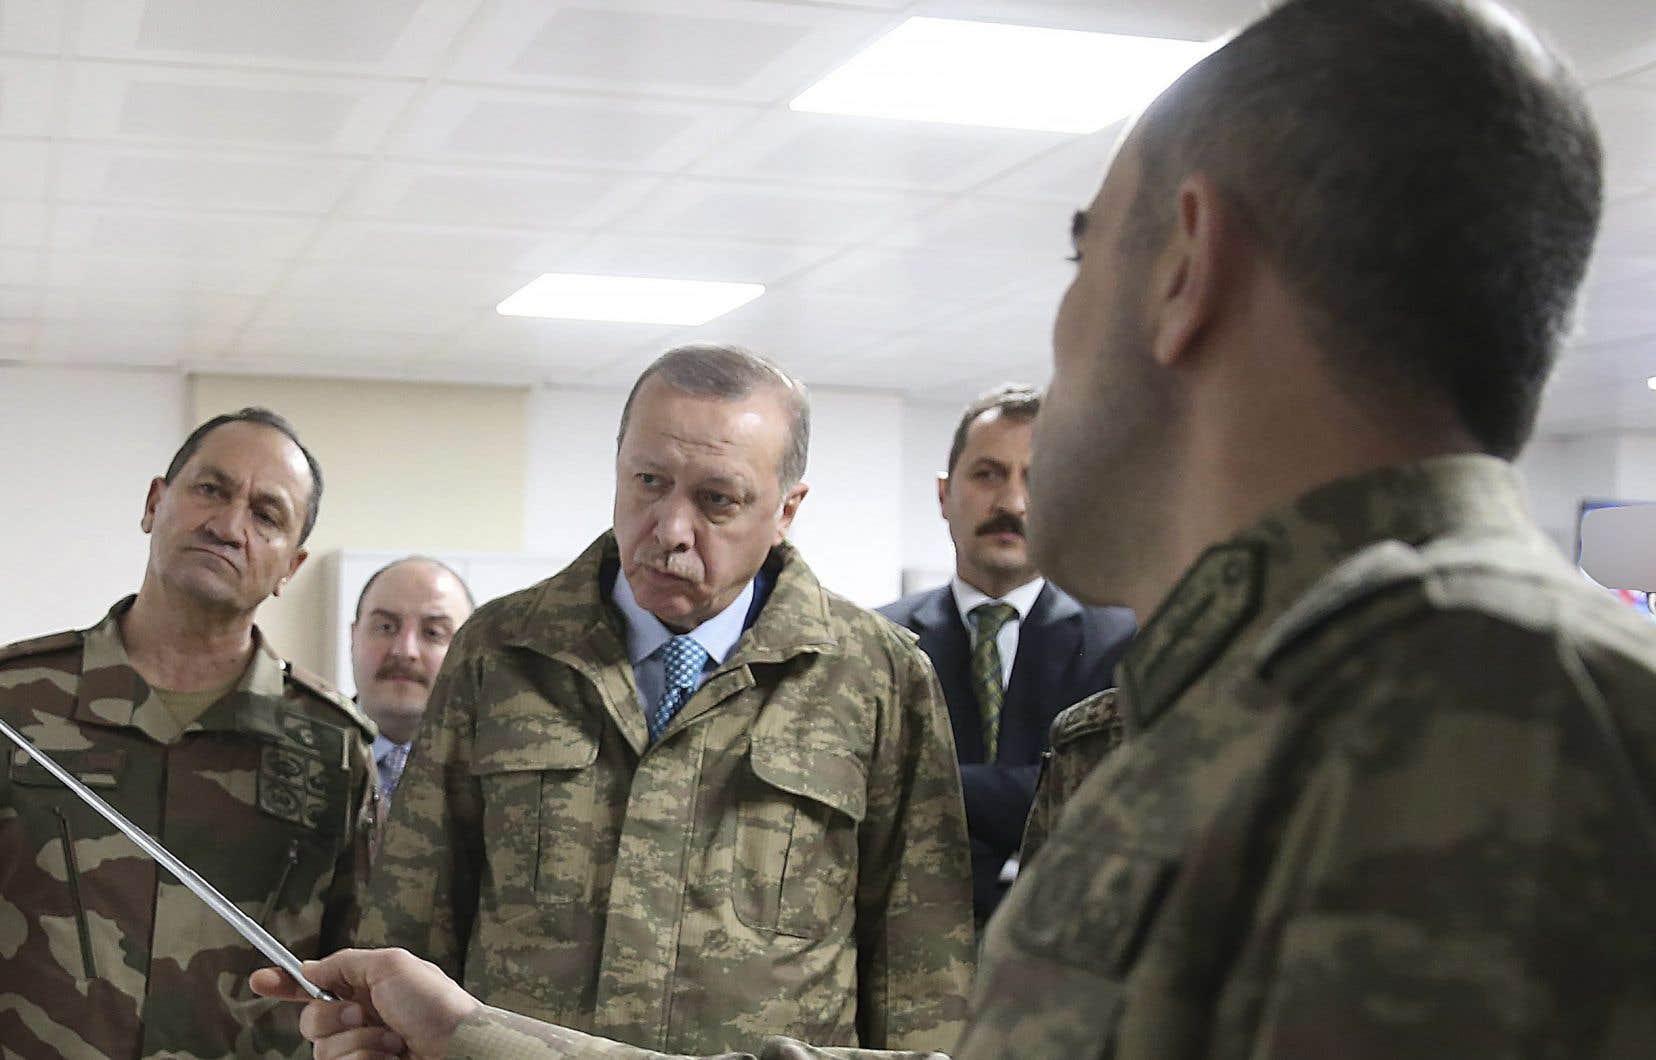 Le président turc, Recep Tayyip Erdogan,et son état-major, à proximité de la frontière syrienne